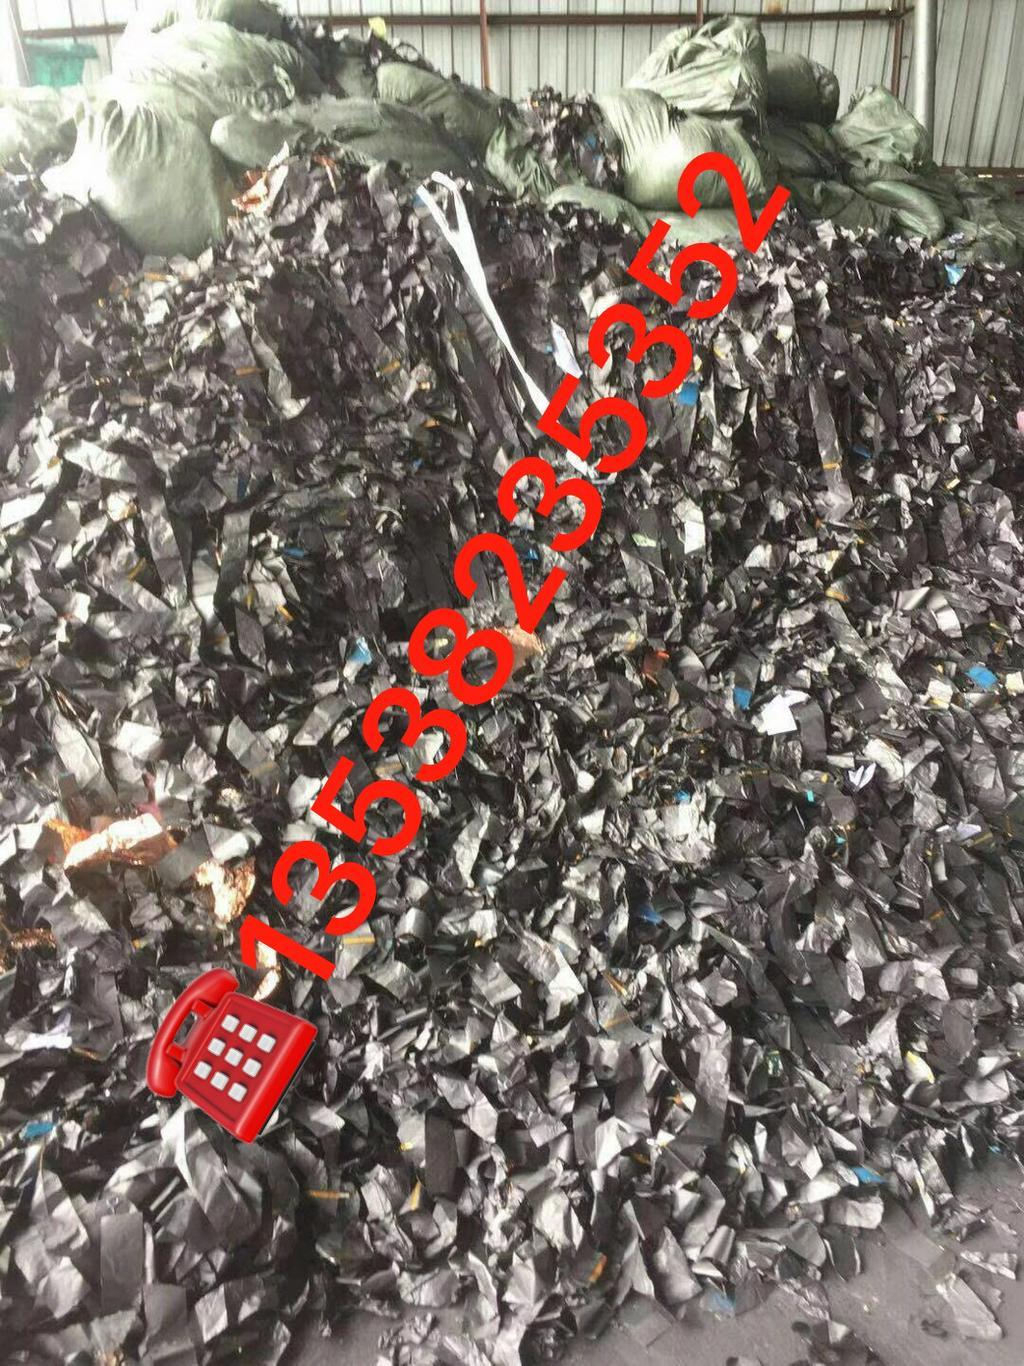 自营分解废锂电池.正负极片.钴粉.镍带.各种锂离子电池.清理PACK厂及工厂库存积压退厂各种BC品电池。铝泊,洗池料,过期钴,三元,锰粉,等一切废料。中介重酬。现金交易 联系方13538235352  廖生,(微信同号)